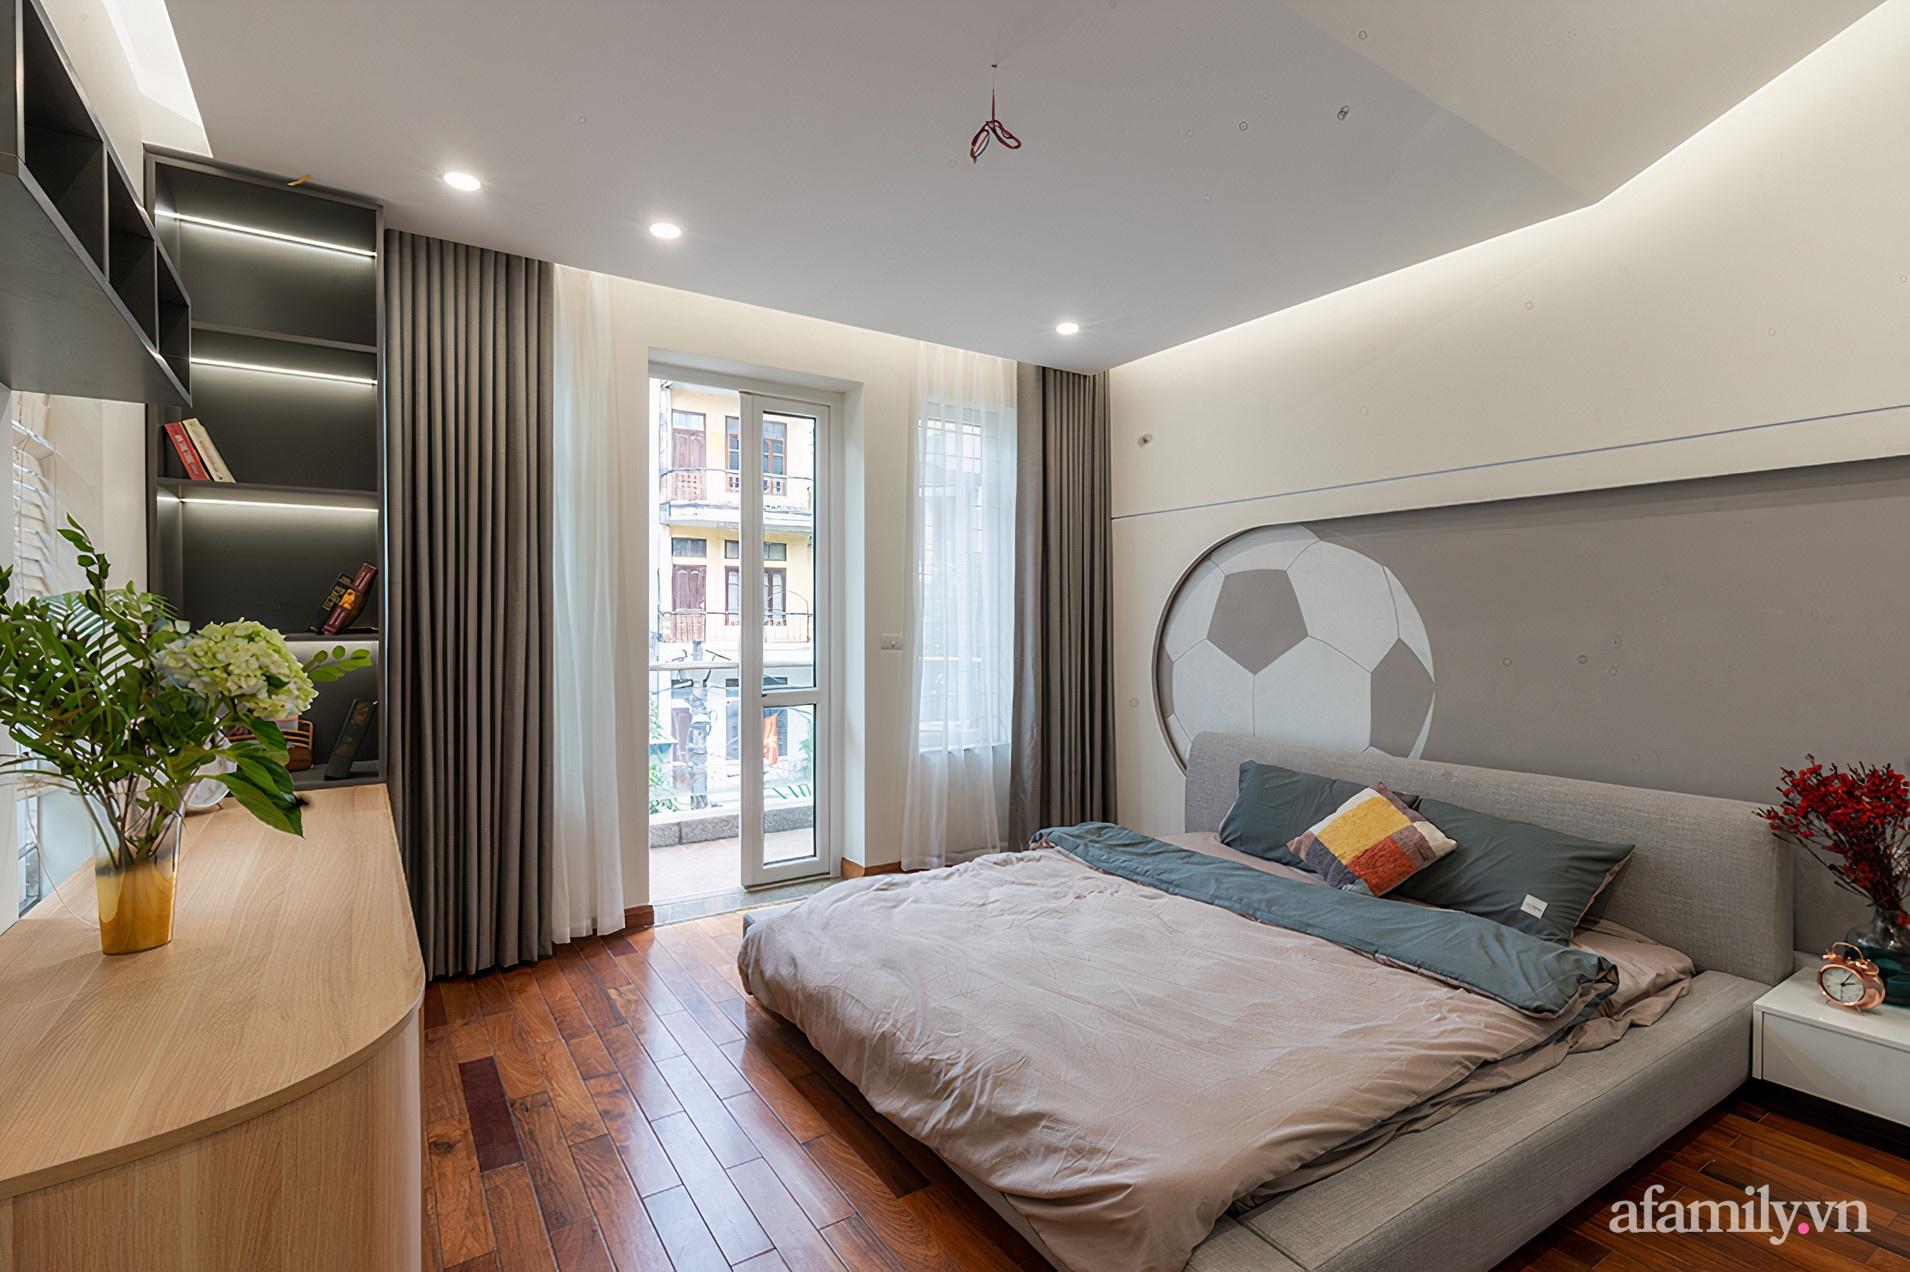 Cải tạo căn nhà 200m² xuống cấp, bí bách thành không gian sang trọng, tiện nghi ở Hà Nội - Ảnh 16.